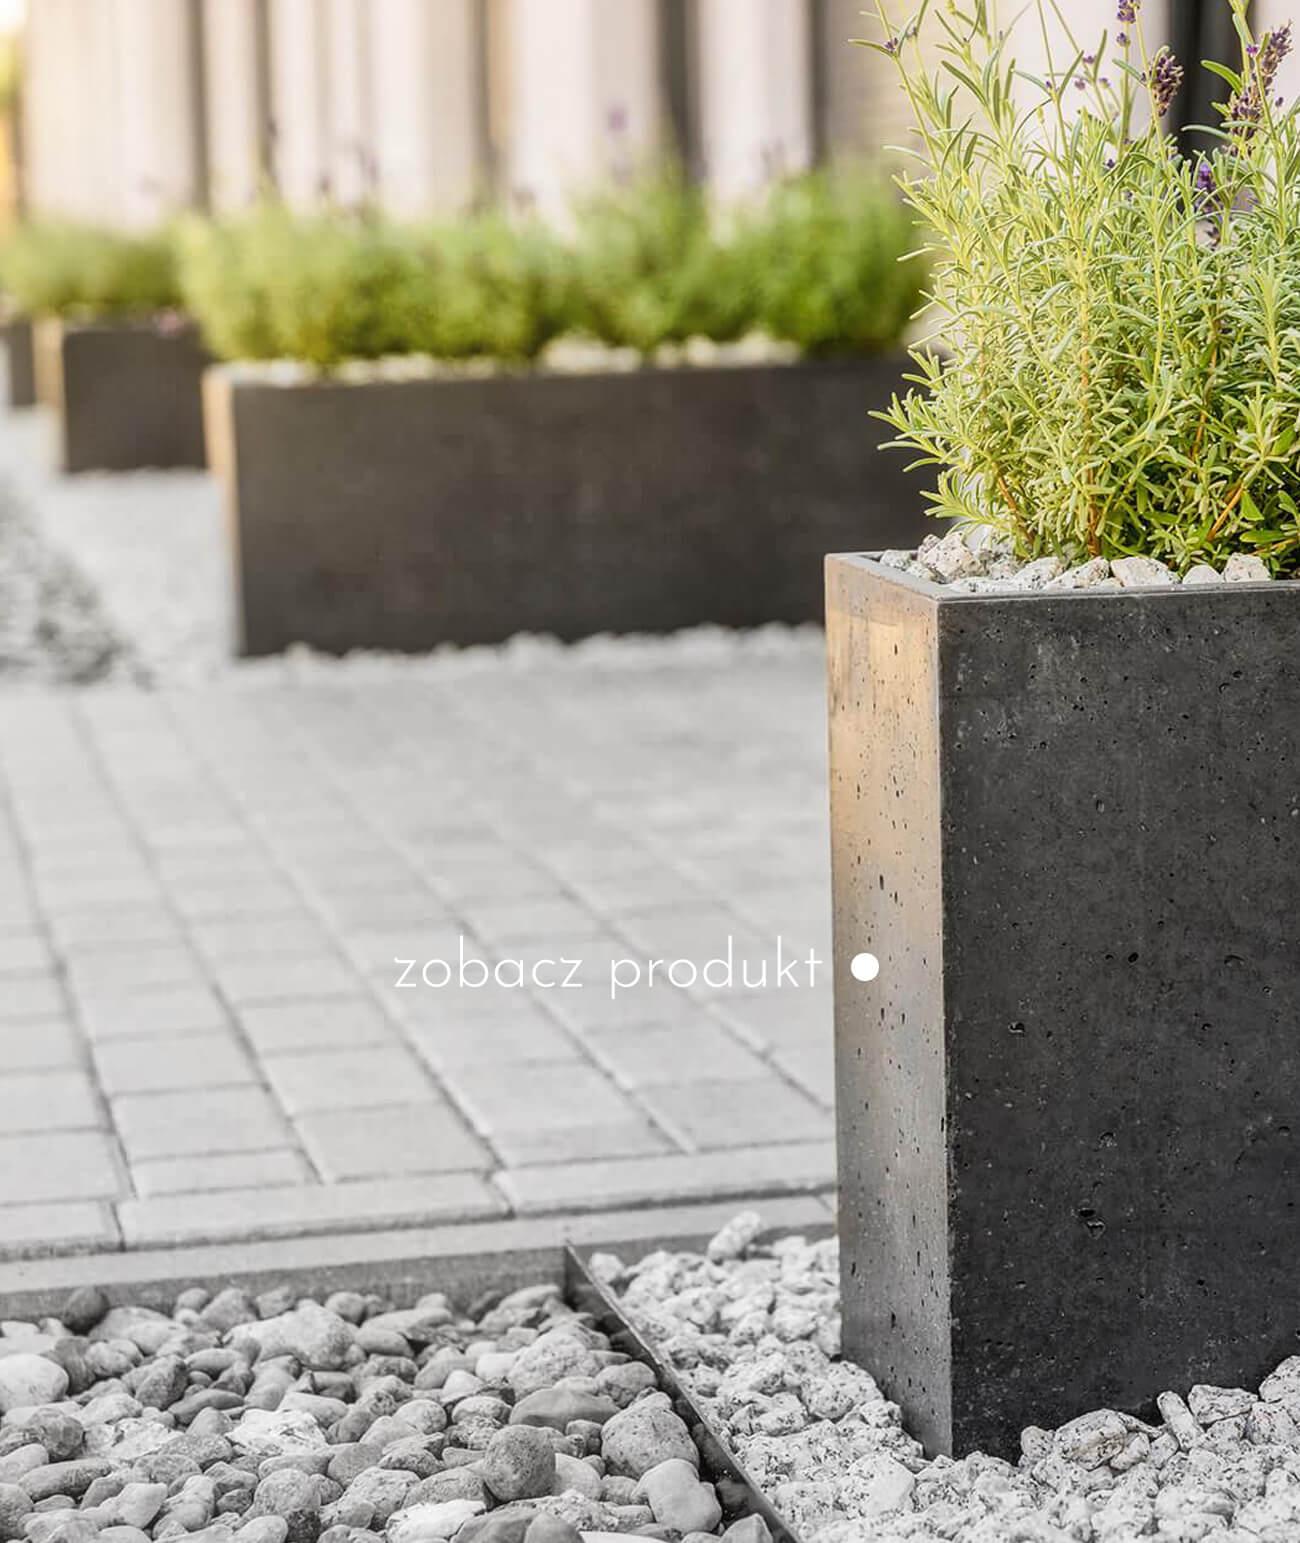 doniczki-donice-betonowe_980-20916-donica-betonowa-antracyt-donica-ogrodowa-beton-architektoniczny